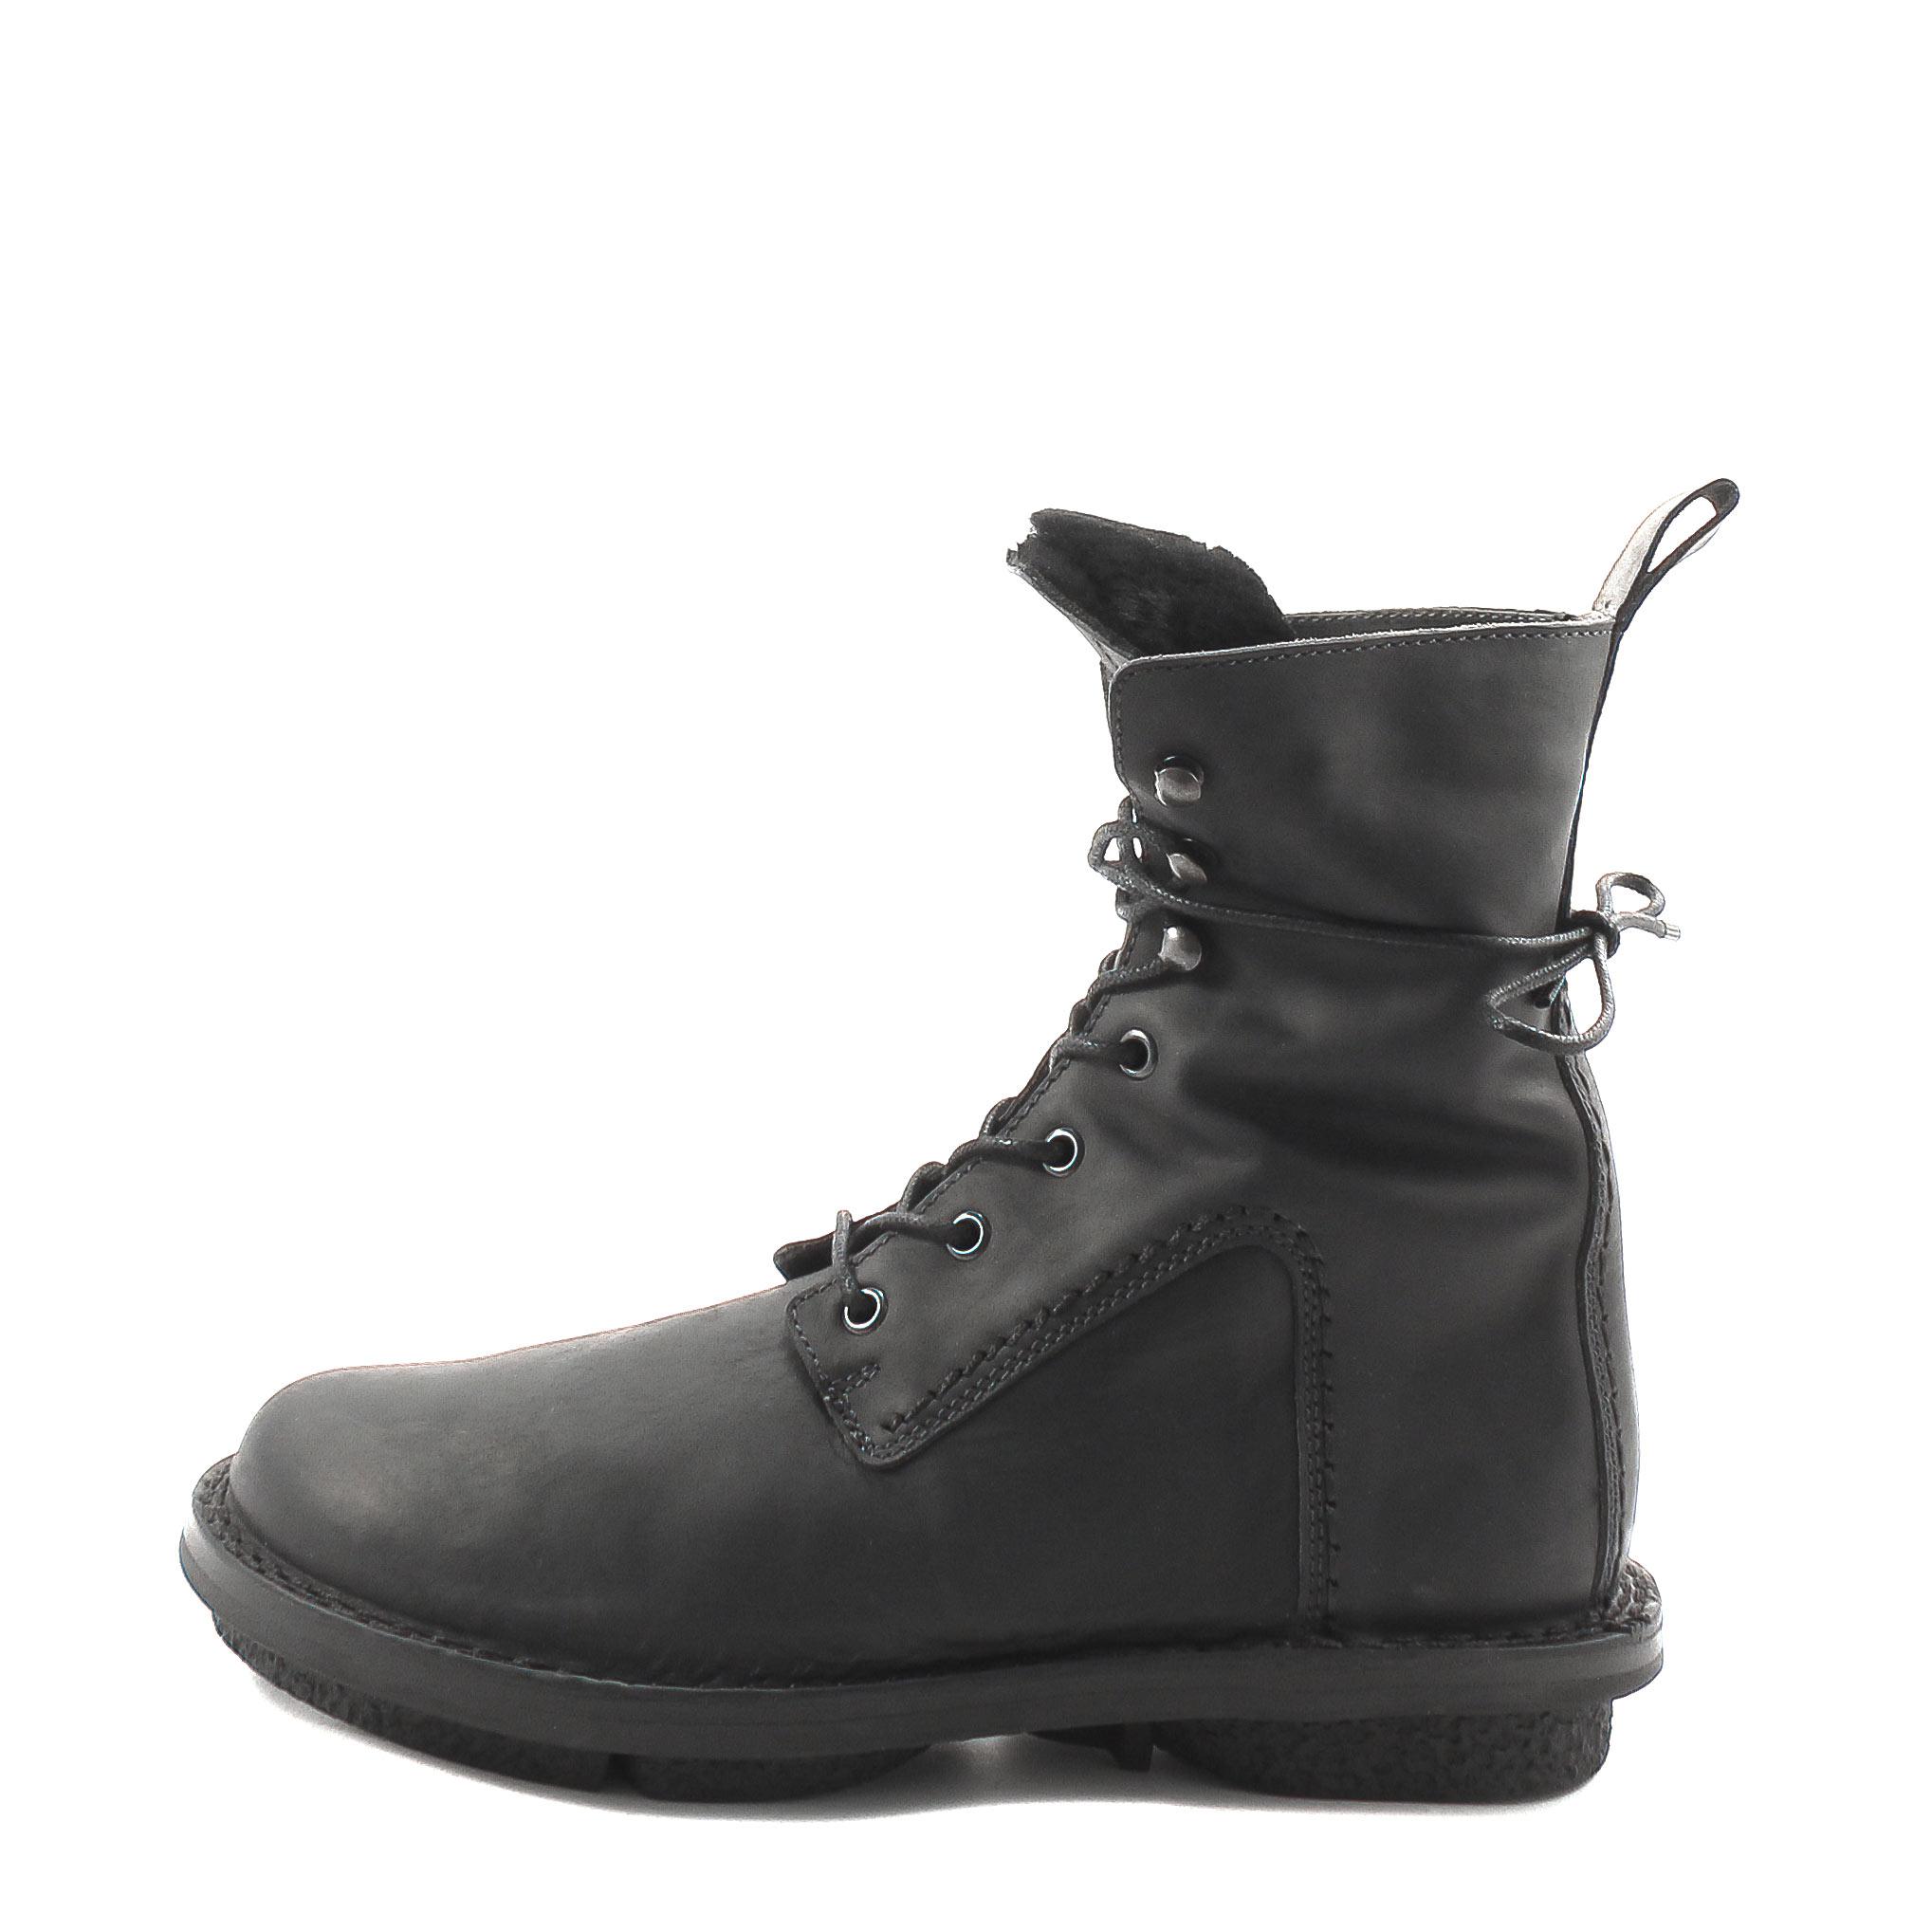 Trippen, Tar f Closed Women's Lambskin Bootees, black Größe 37